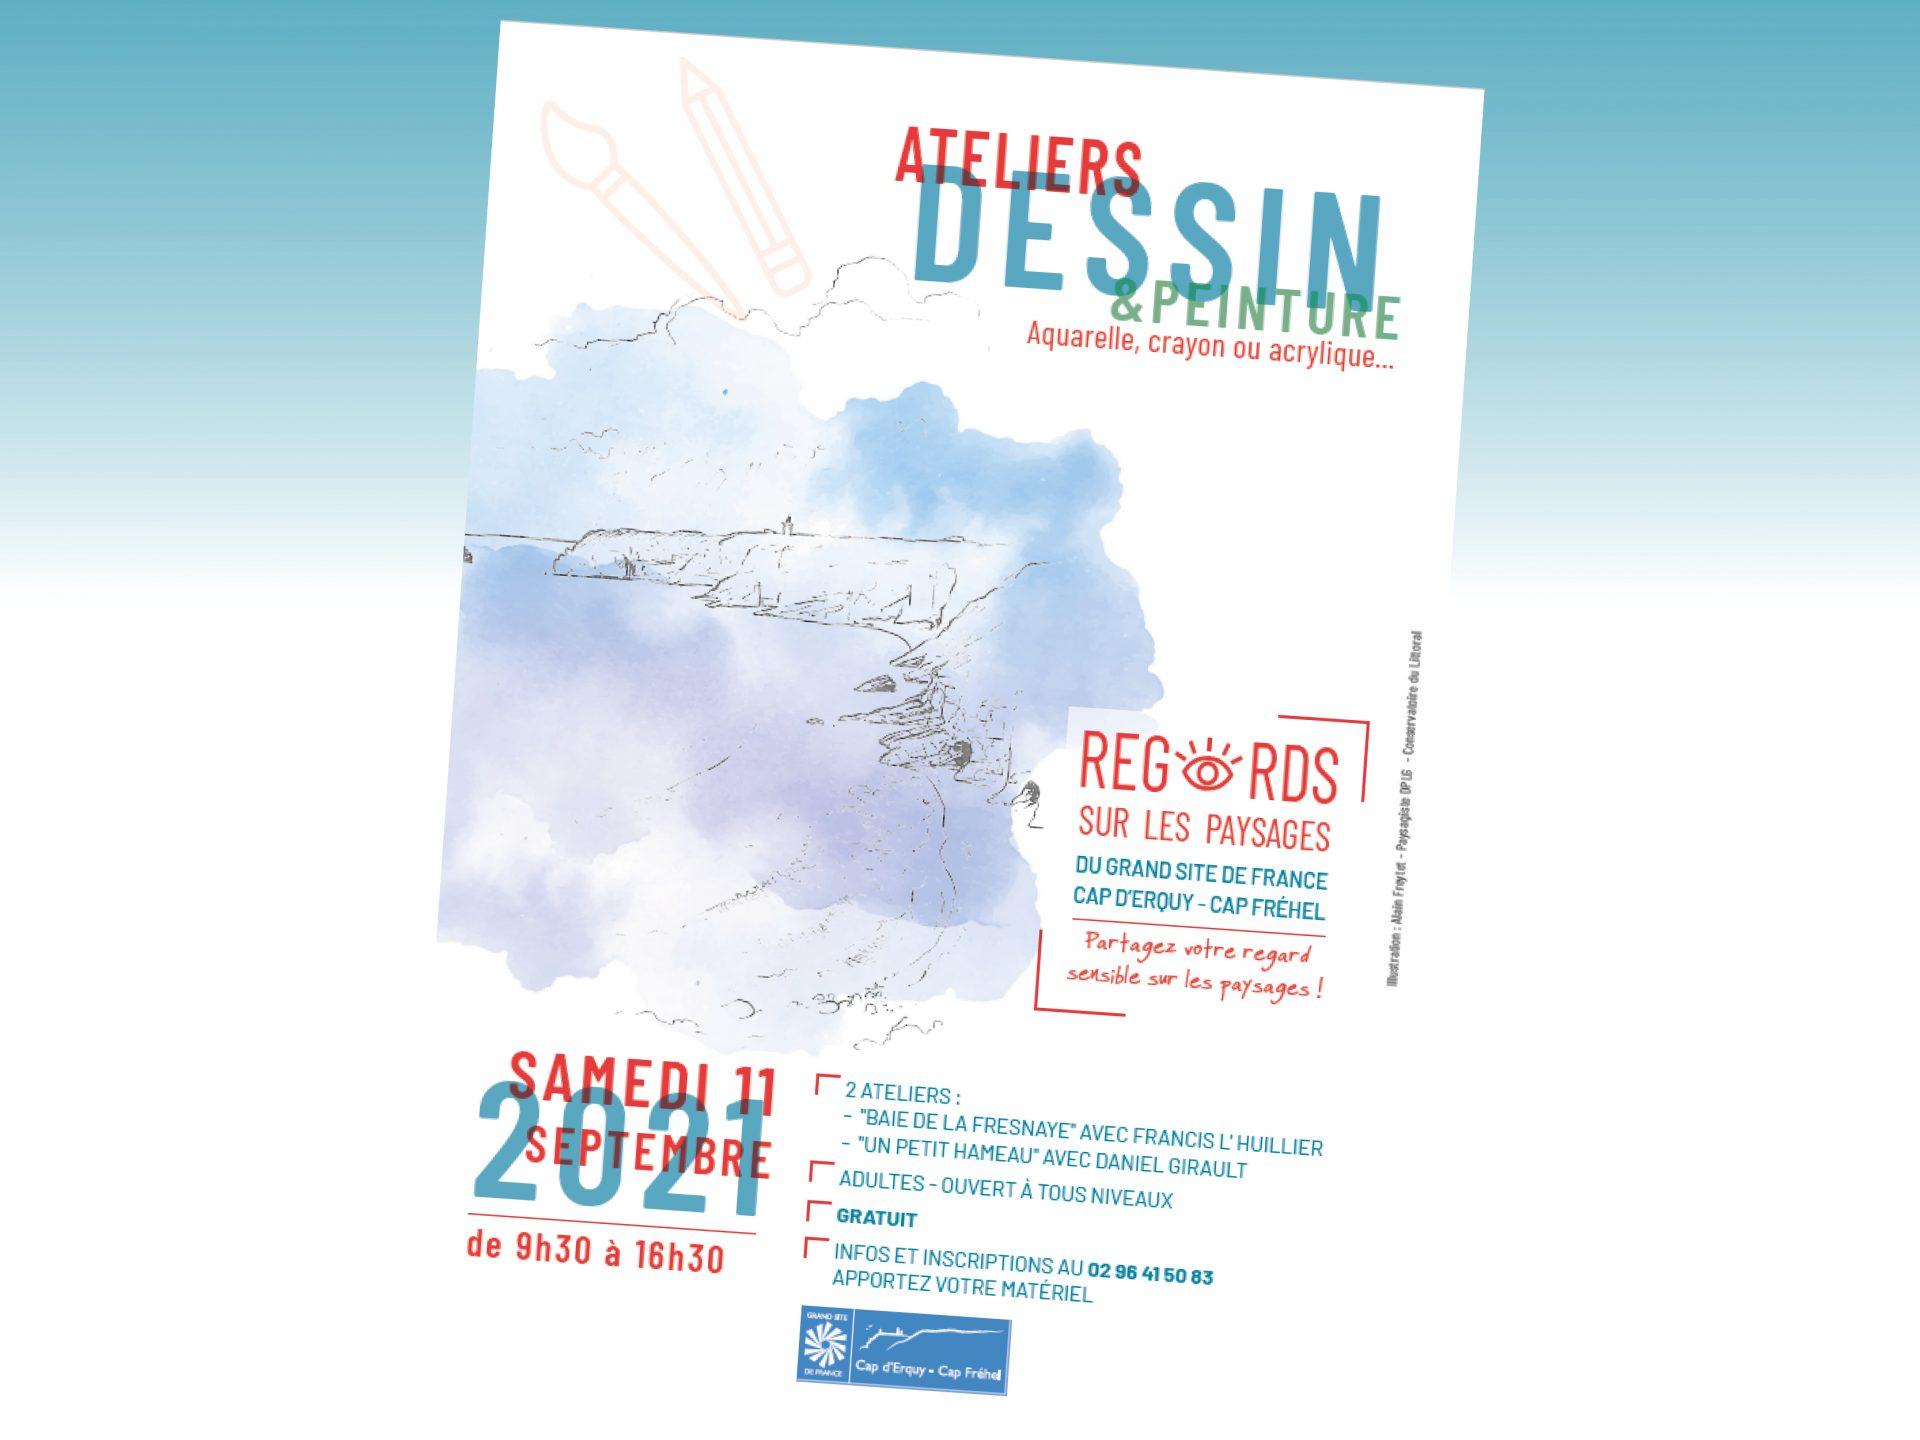 Participez à 2 ateliers dessin & peinture avec le Grand Site de France !